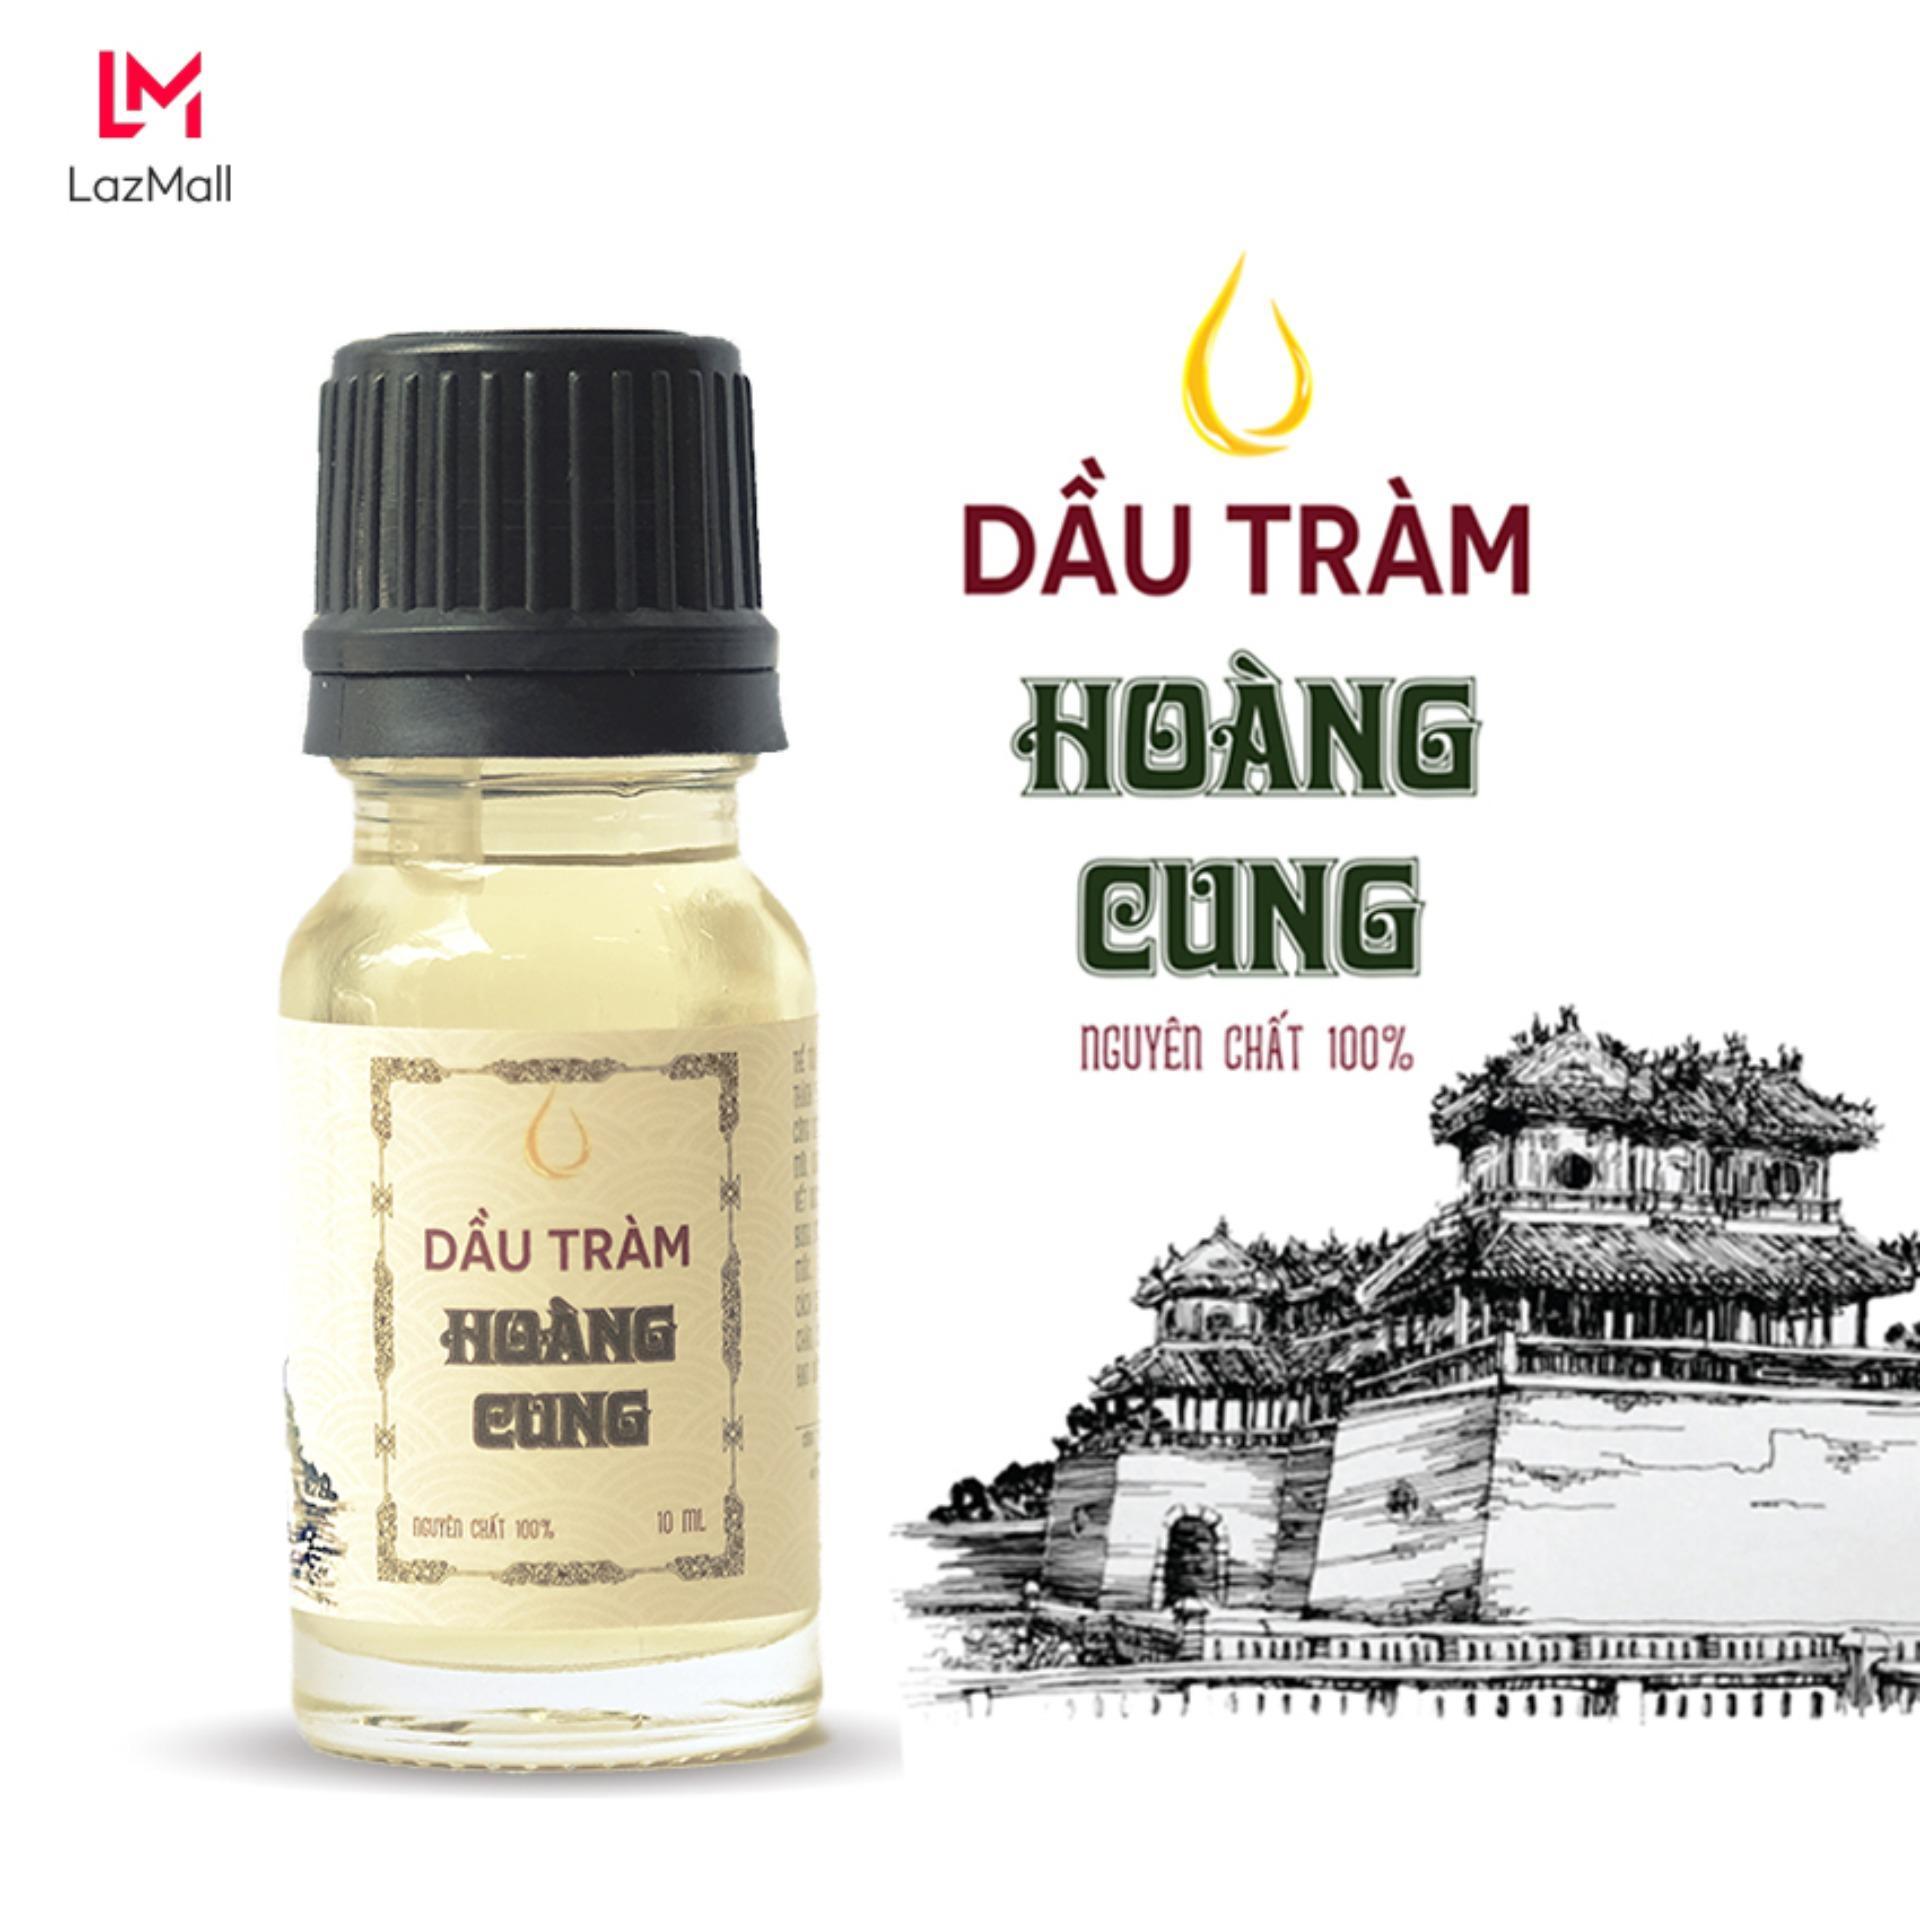 Dầu tràm Huế nguyên chất Hoàng Cung 10ml (chai thủy tinh)